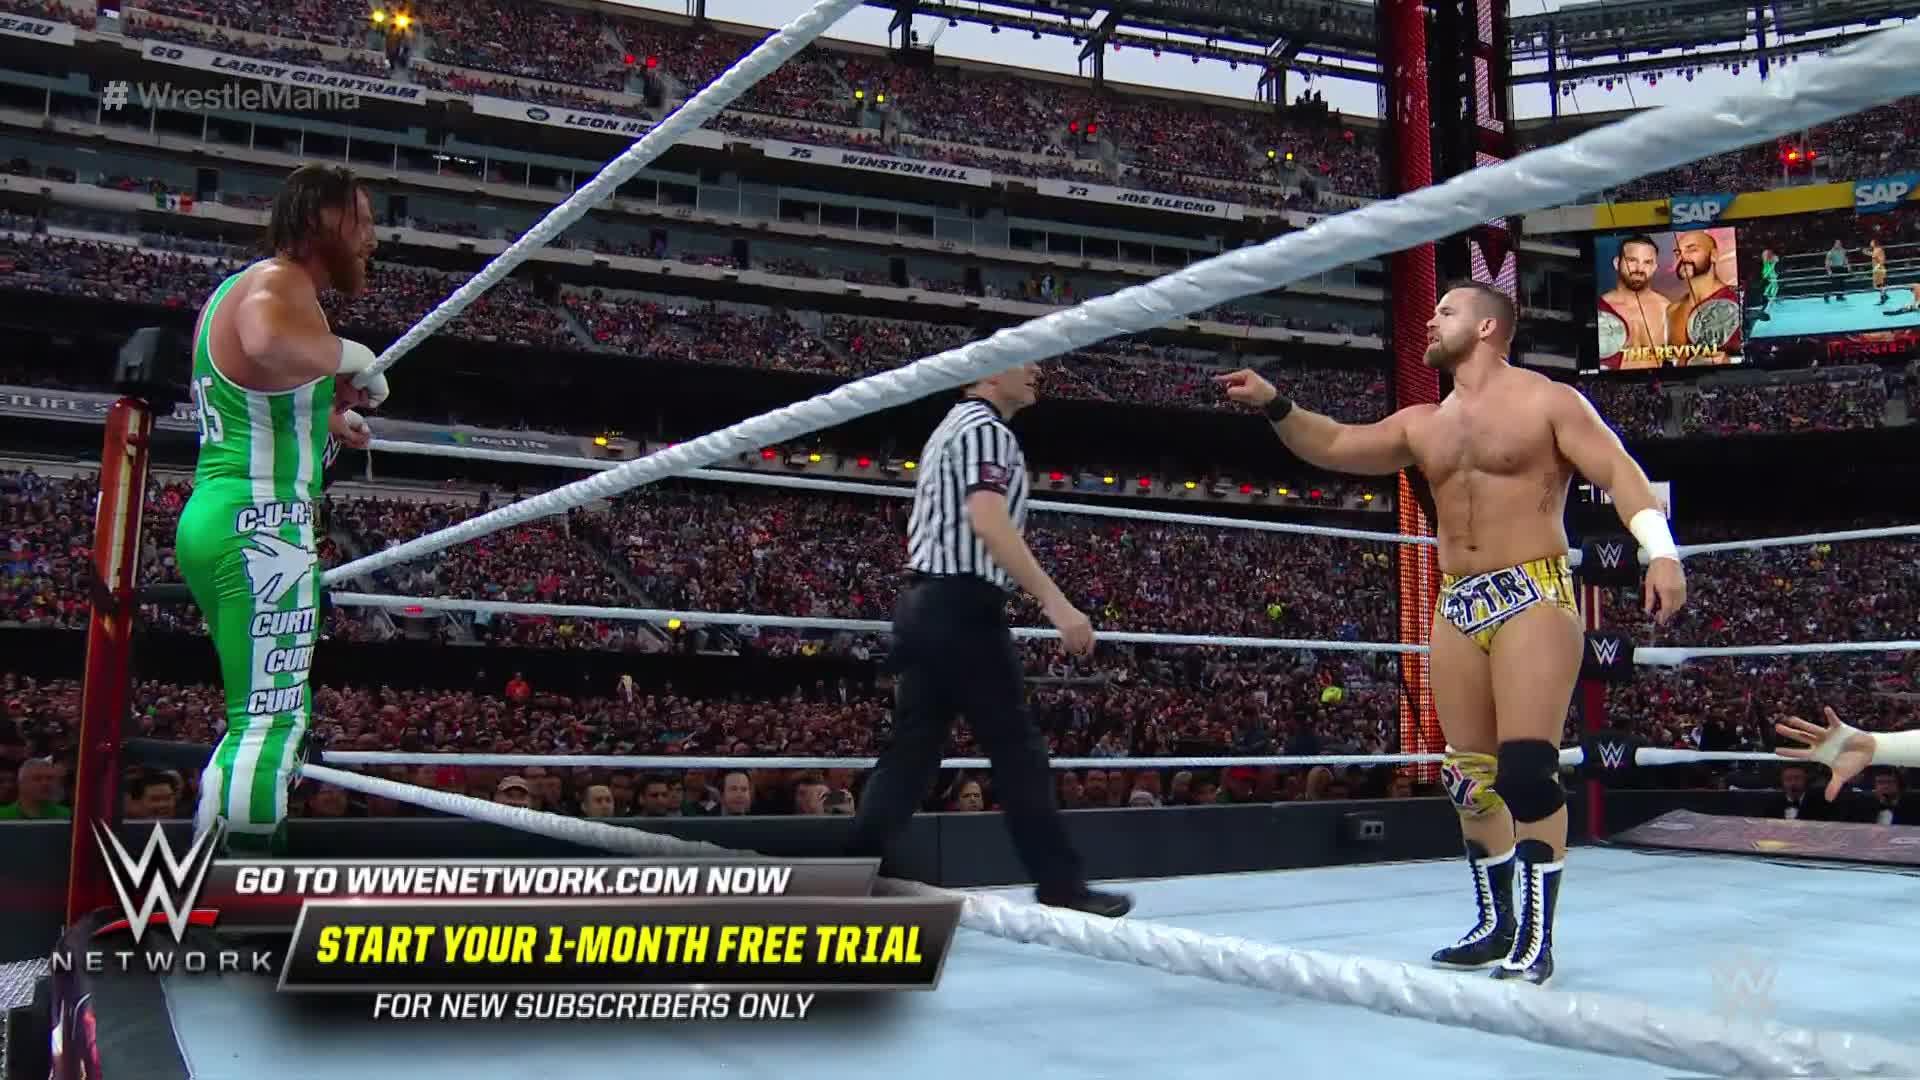 Curt Hawkins veut stopper sa série de 269 défaites consécutives dans le Match pour les Titres par Équipes de Raw: WrestleMania 35 Kickoff